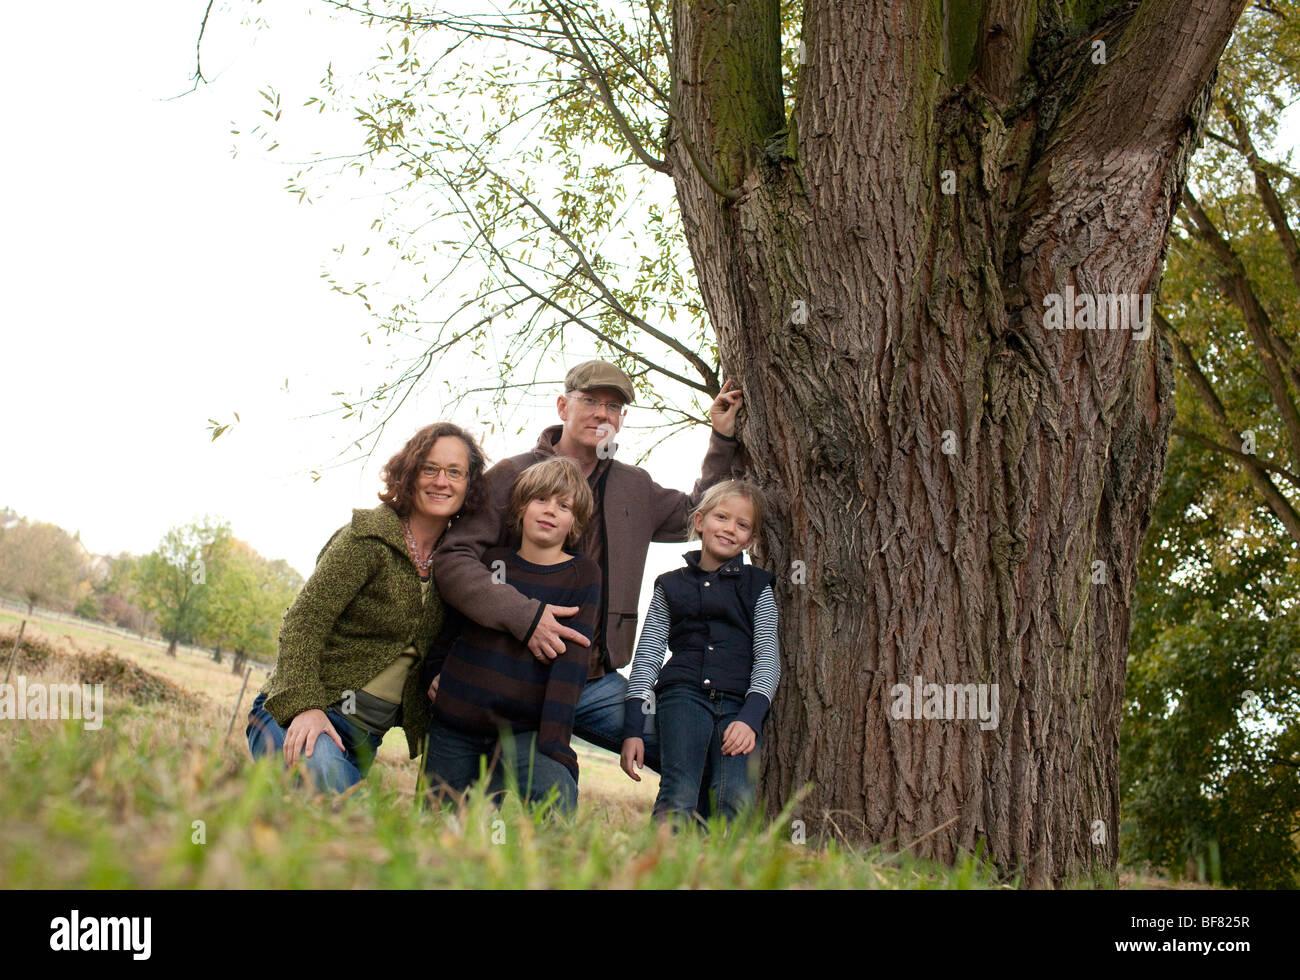 Familienporträt, Deutschland Stockbild